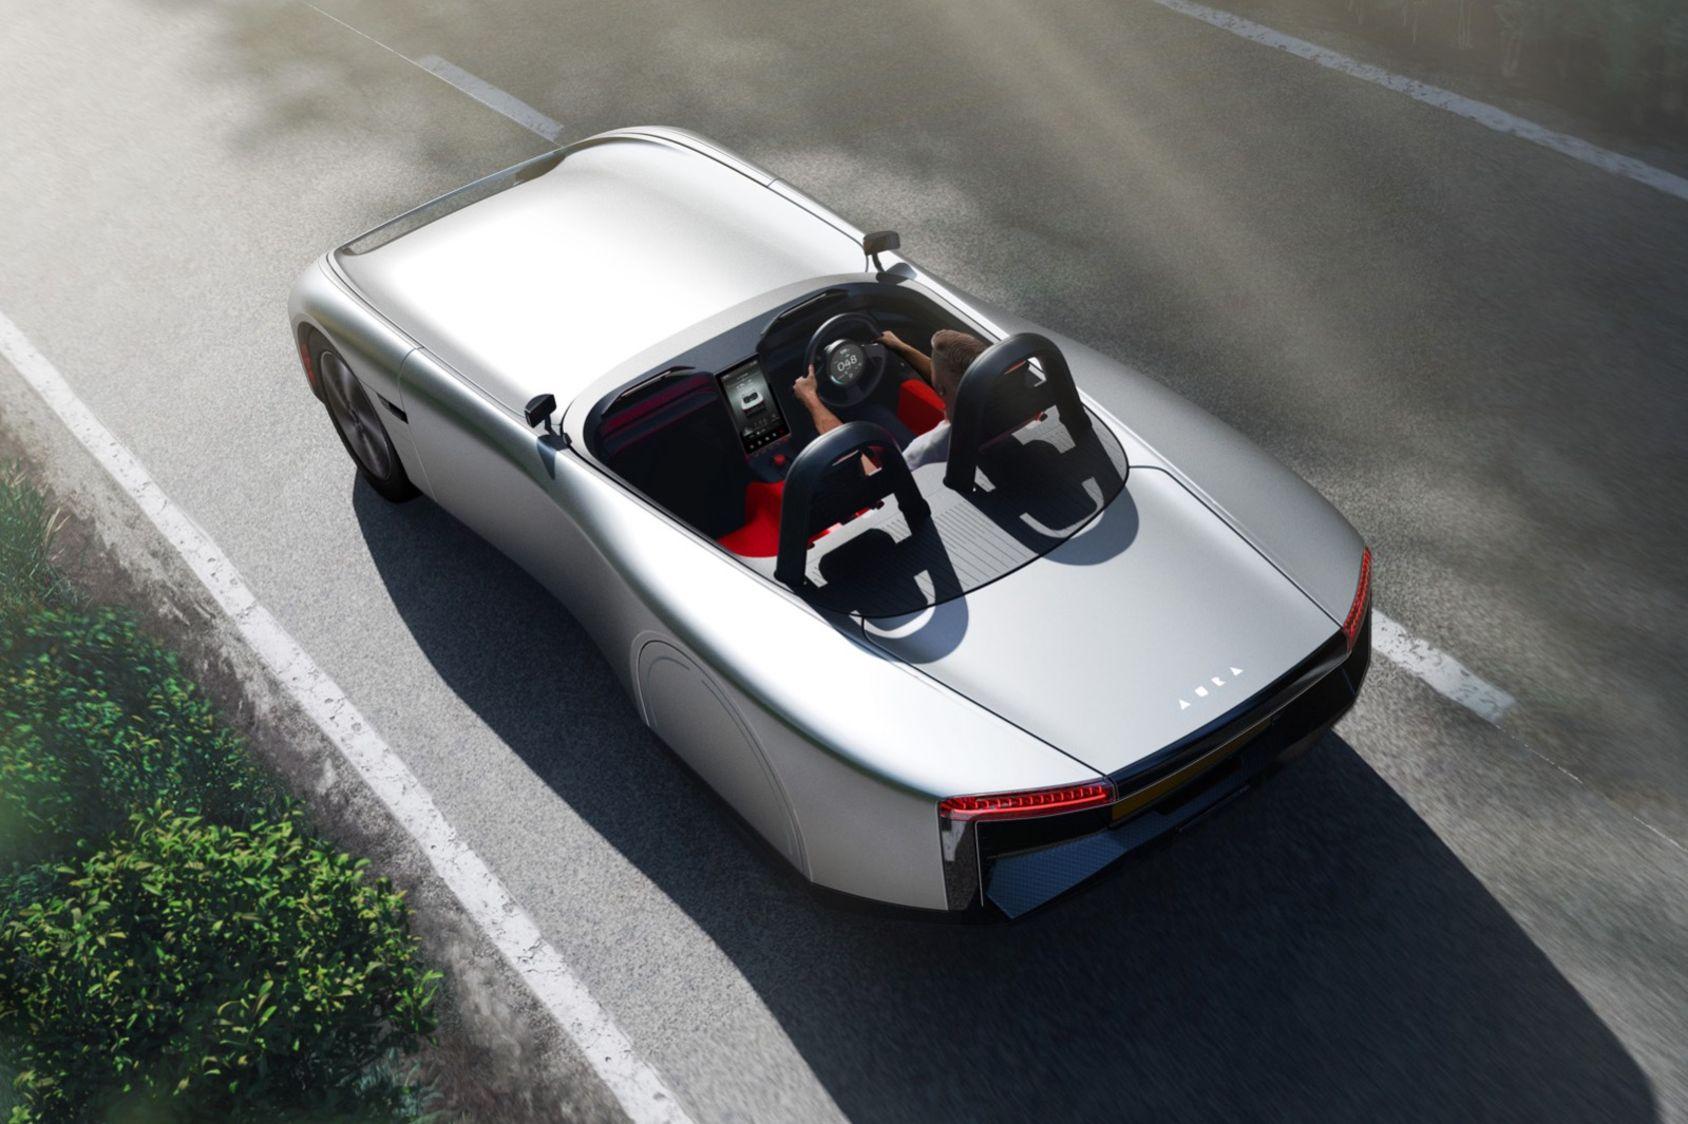 Brittiska tillverkare går samman och tar fram elbil